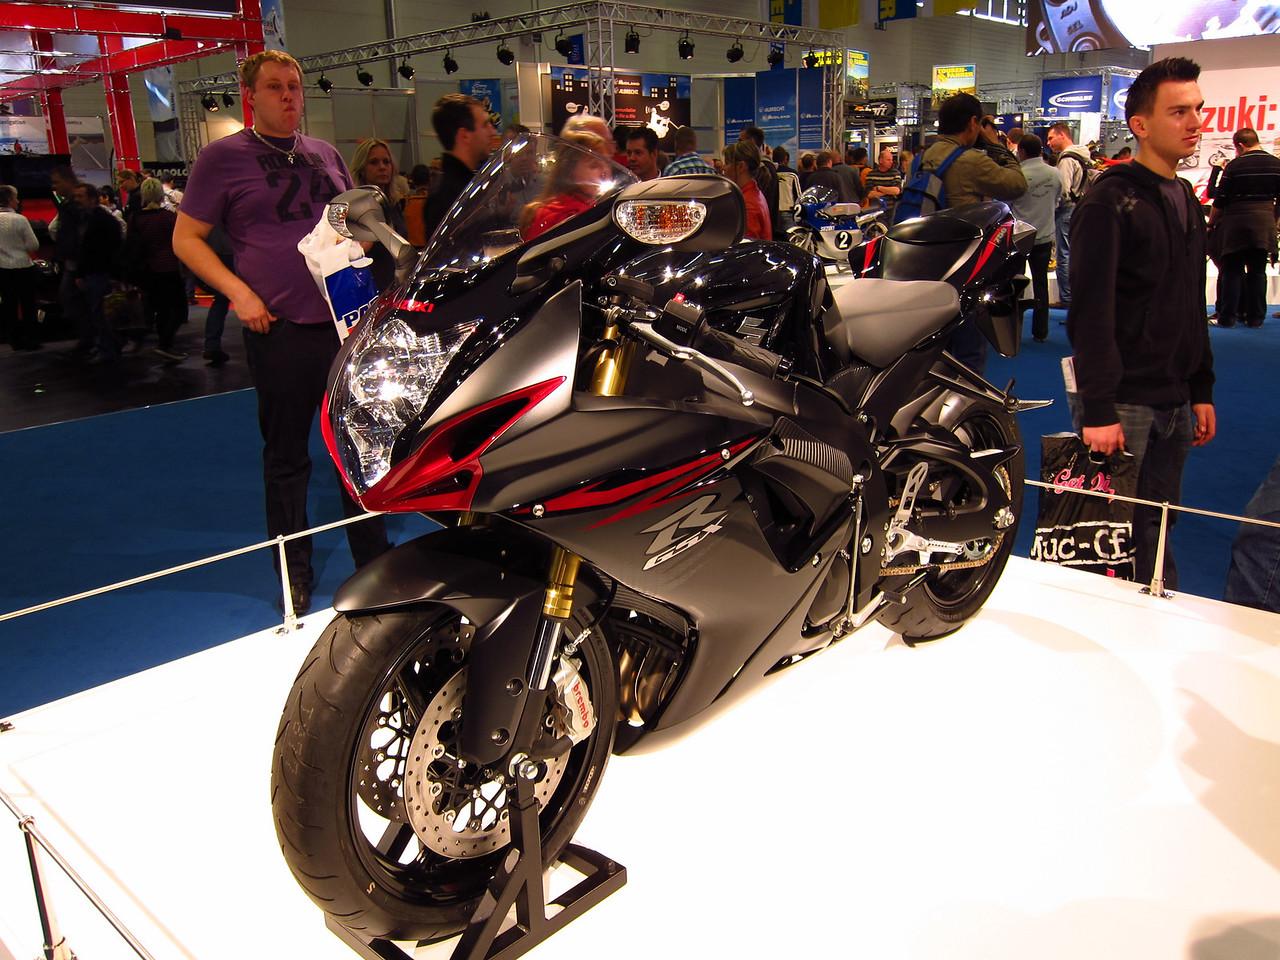 2011 SUZUKI GSX-R - Σελίδα 3 1041872327_JdGpf-X2